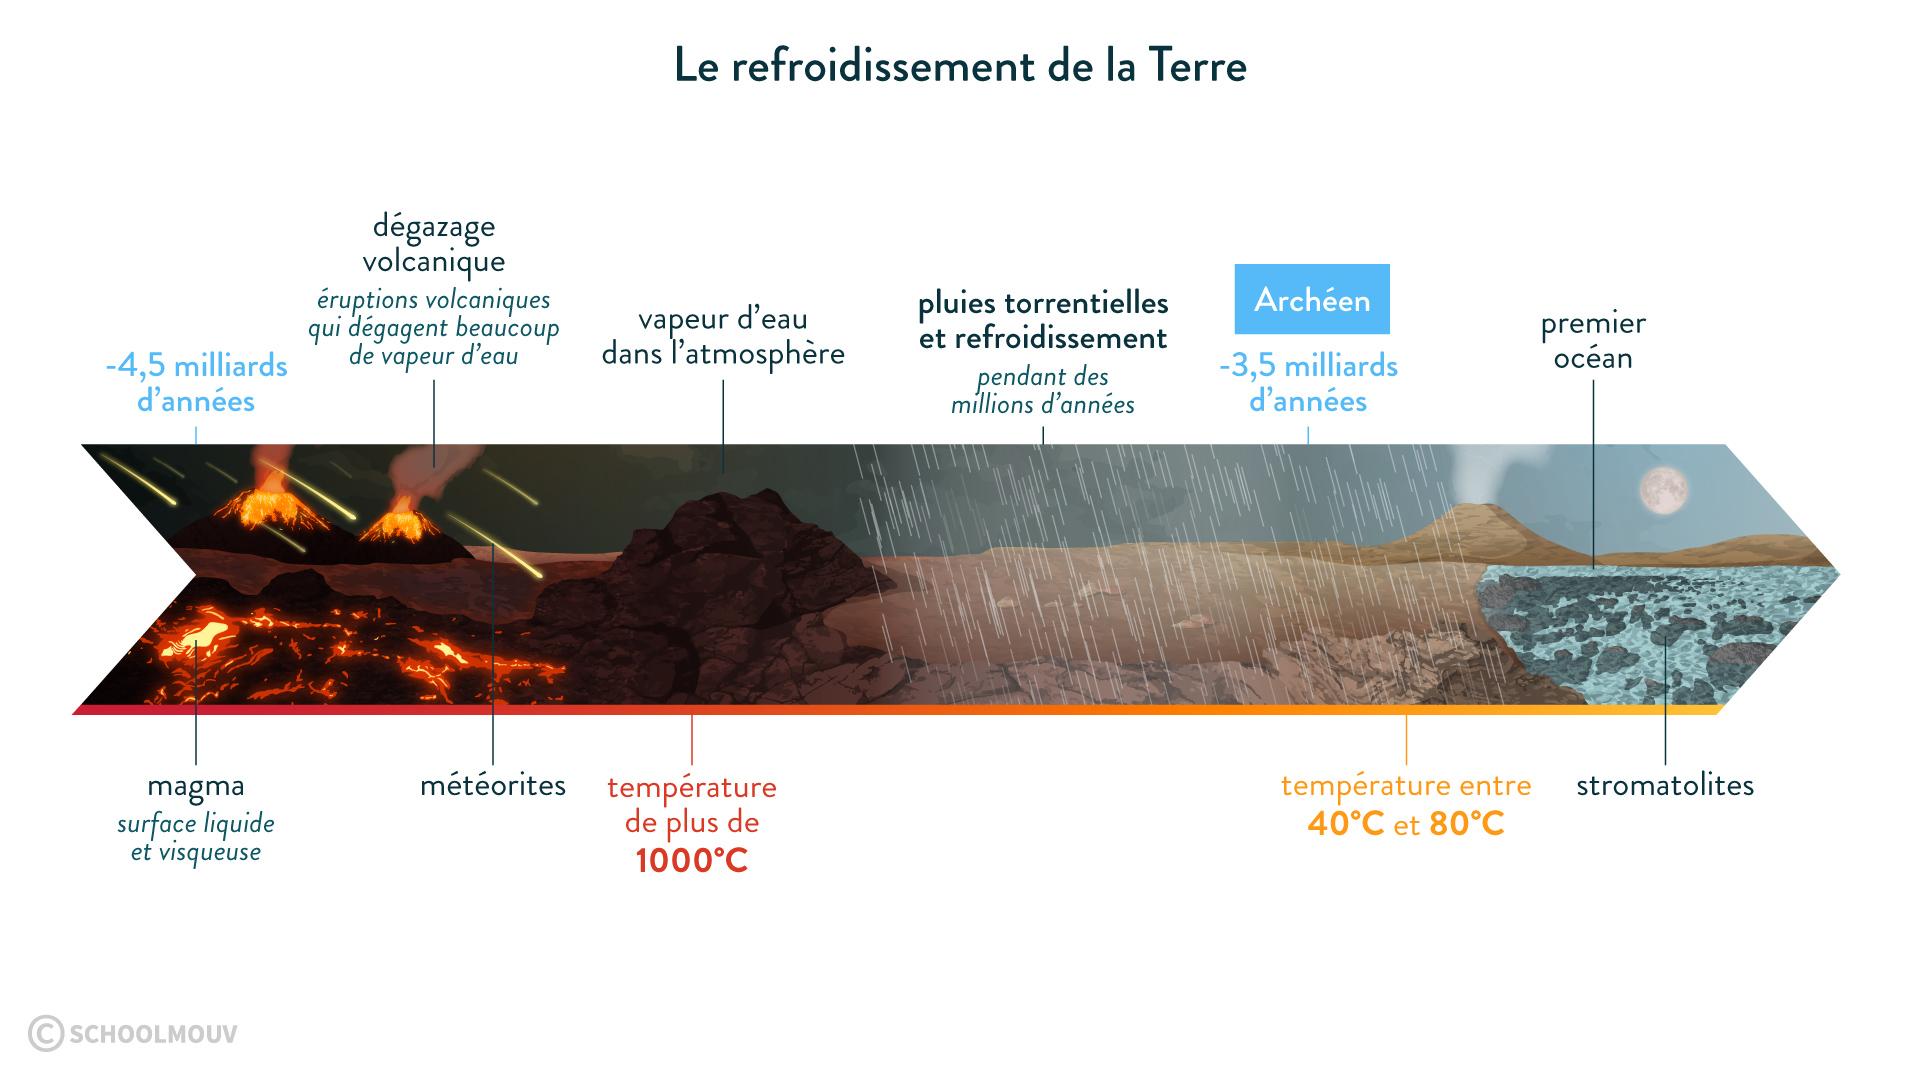 Le refroidissement de la Terre-svt-6e-schoolmouv